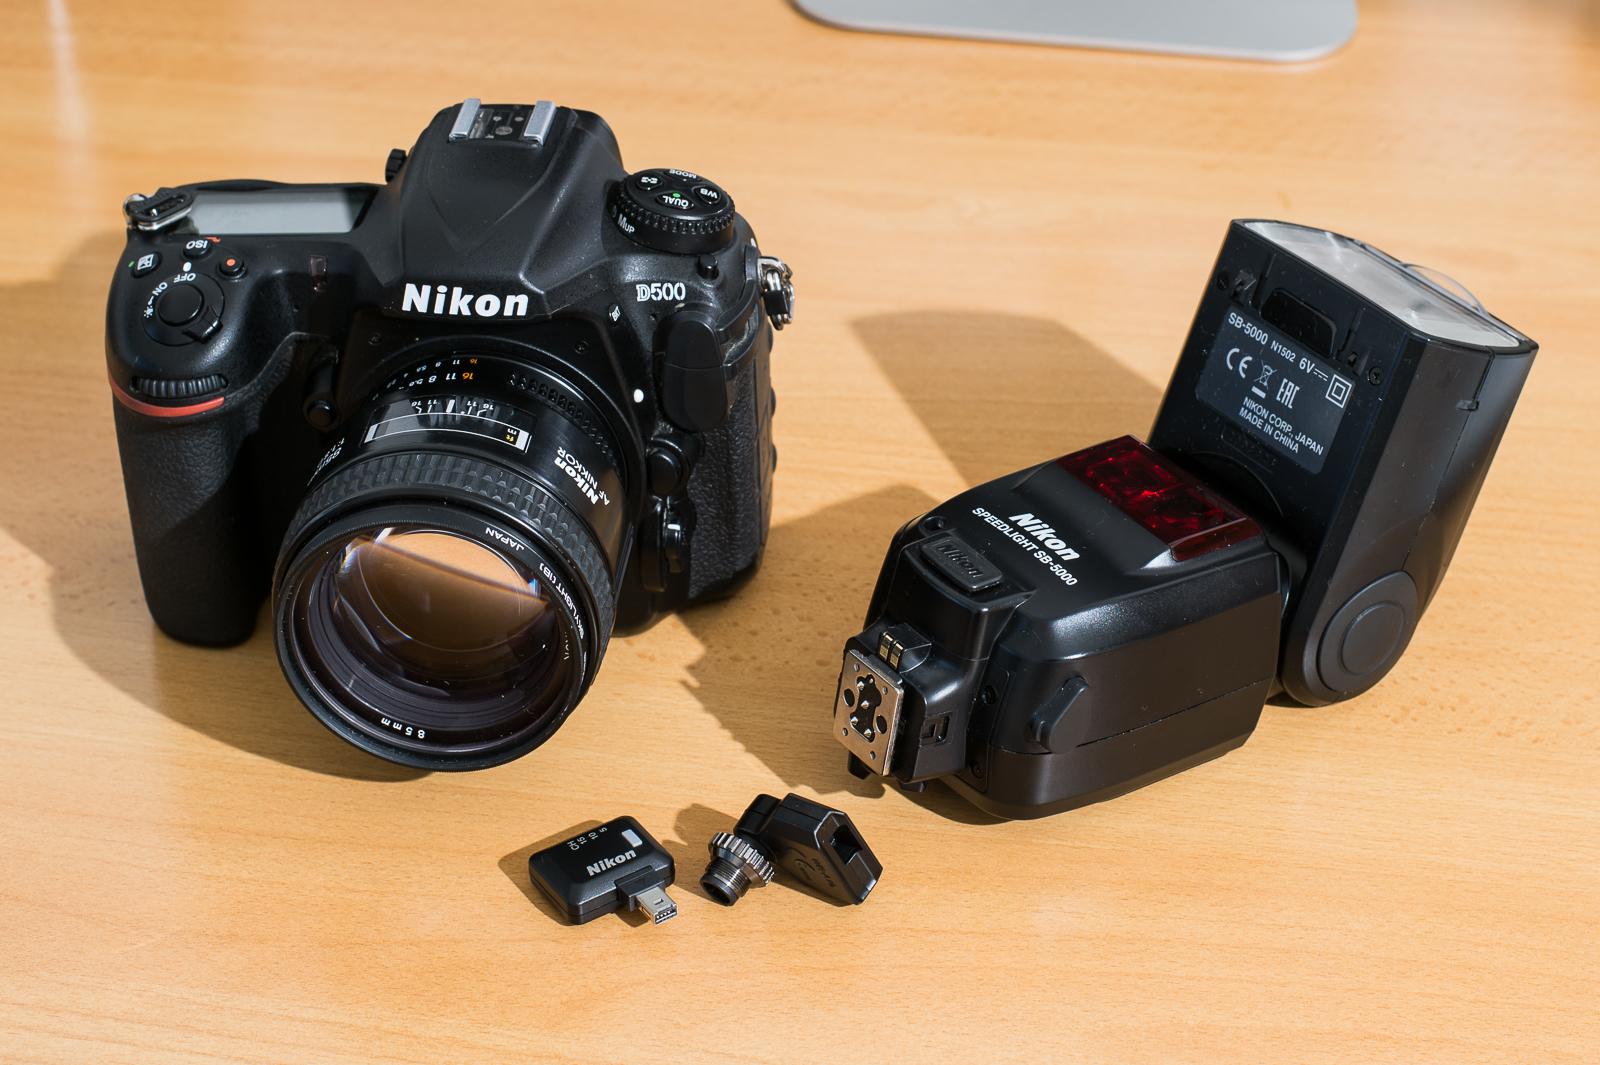 Rádiově odpalovaný blesk Nikon Speedlight SB-5000